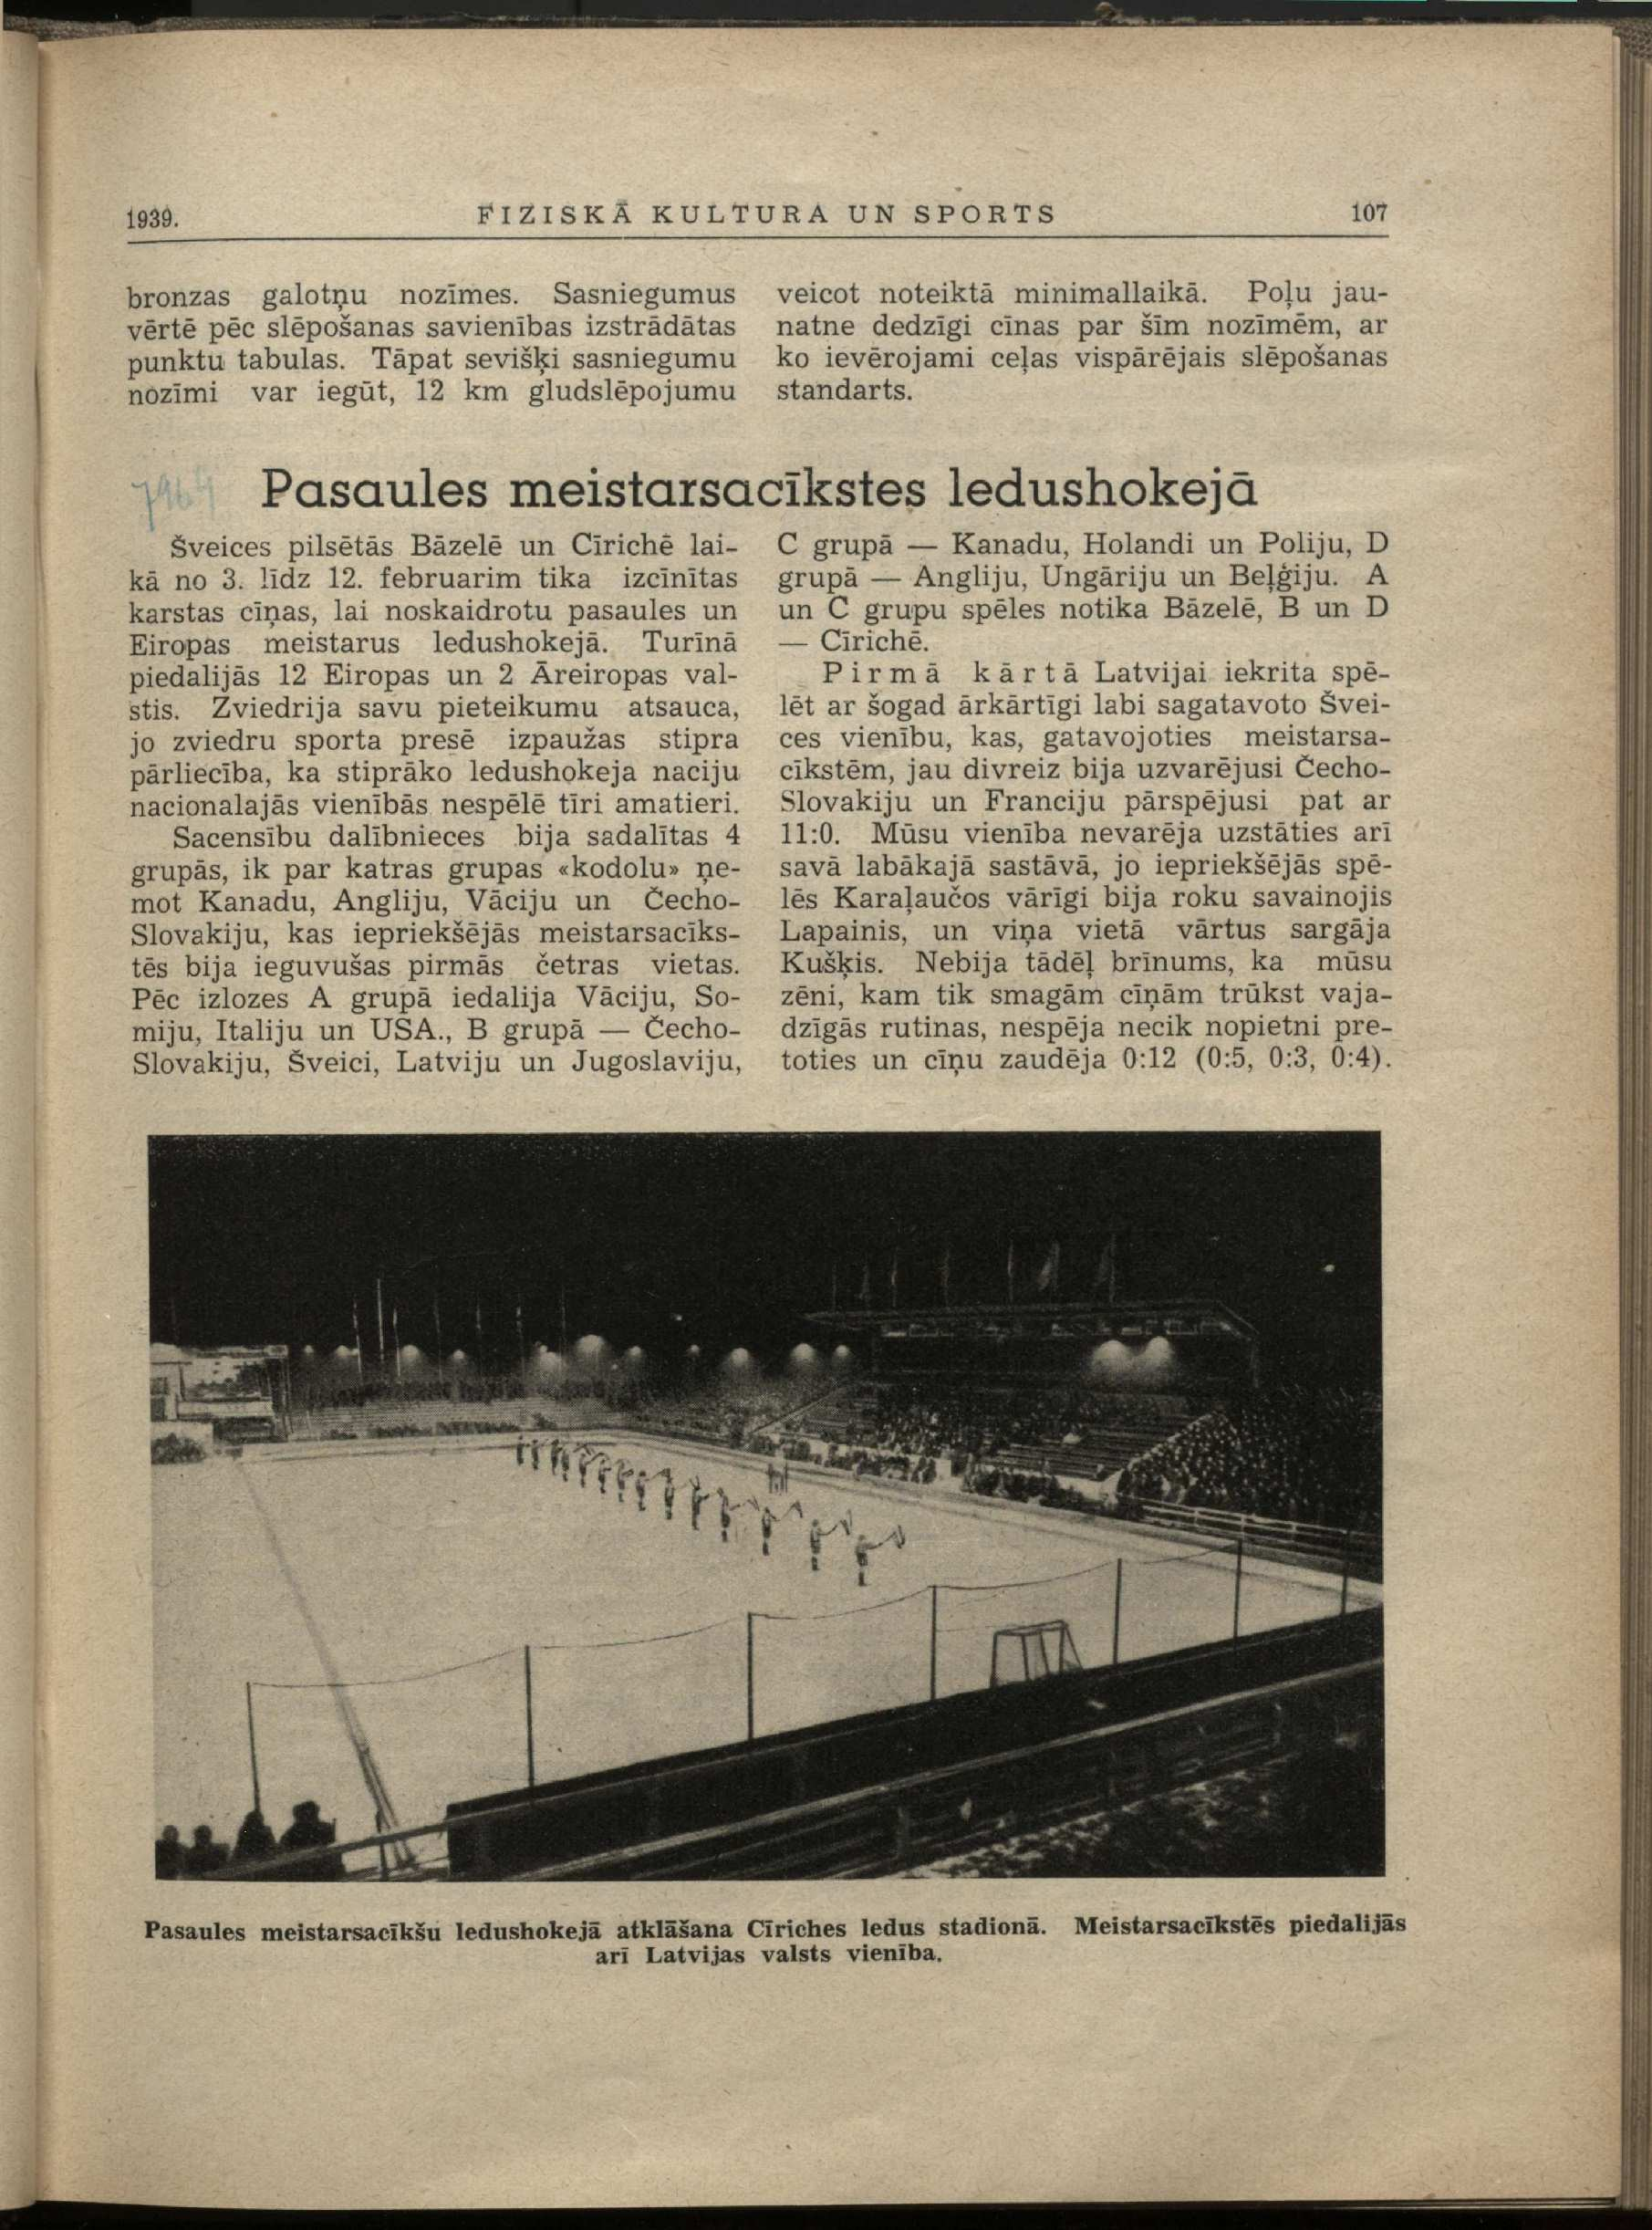 FKS_1939-03_1_lpp.jpg